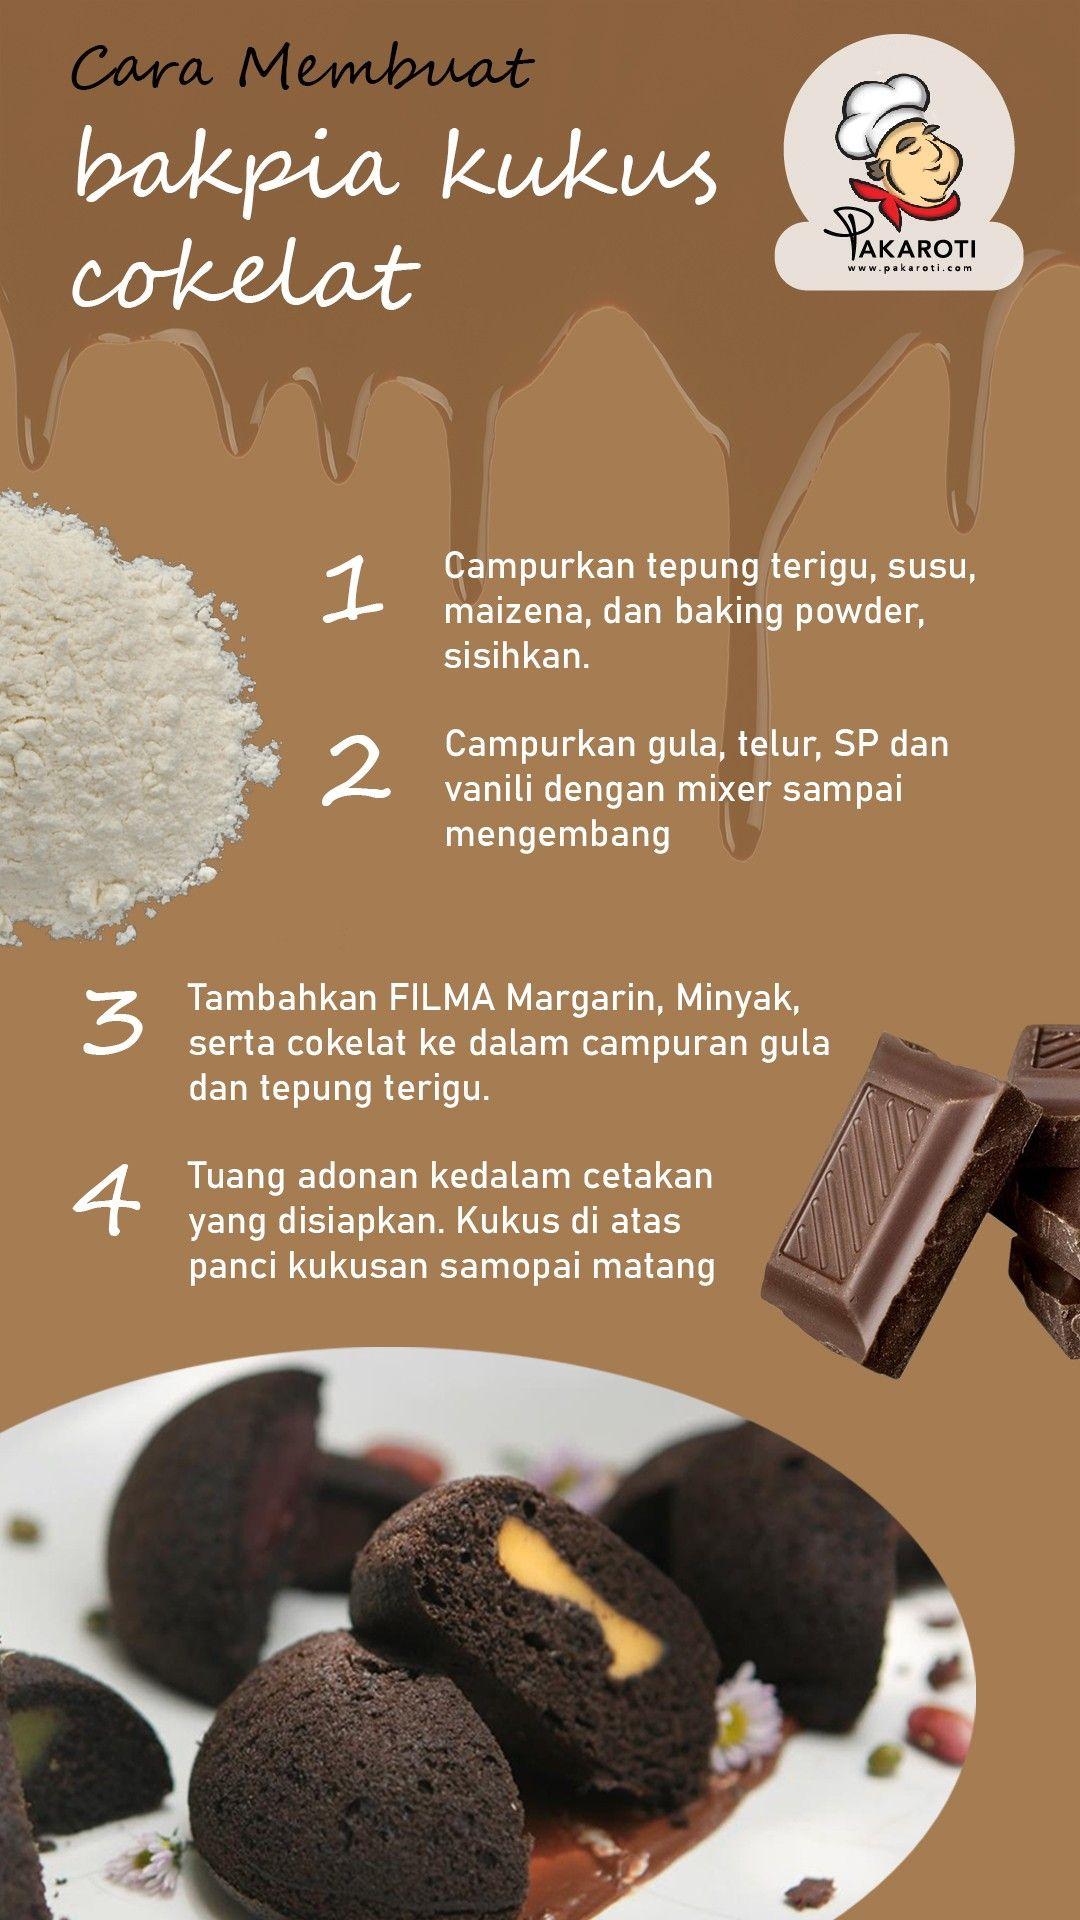 Cara Membuat Bakpia Kukus Cokelat Di 2021 Ide Makanan Resep Masakan Natal Resep Makanan Penutup